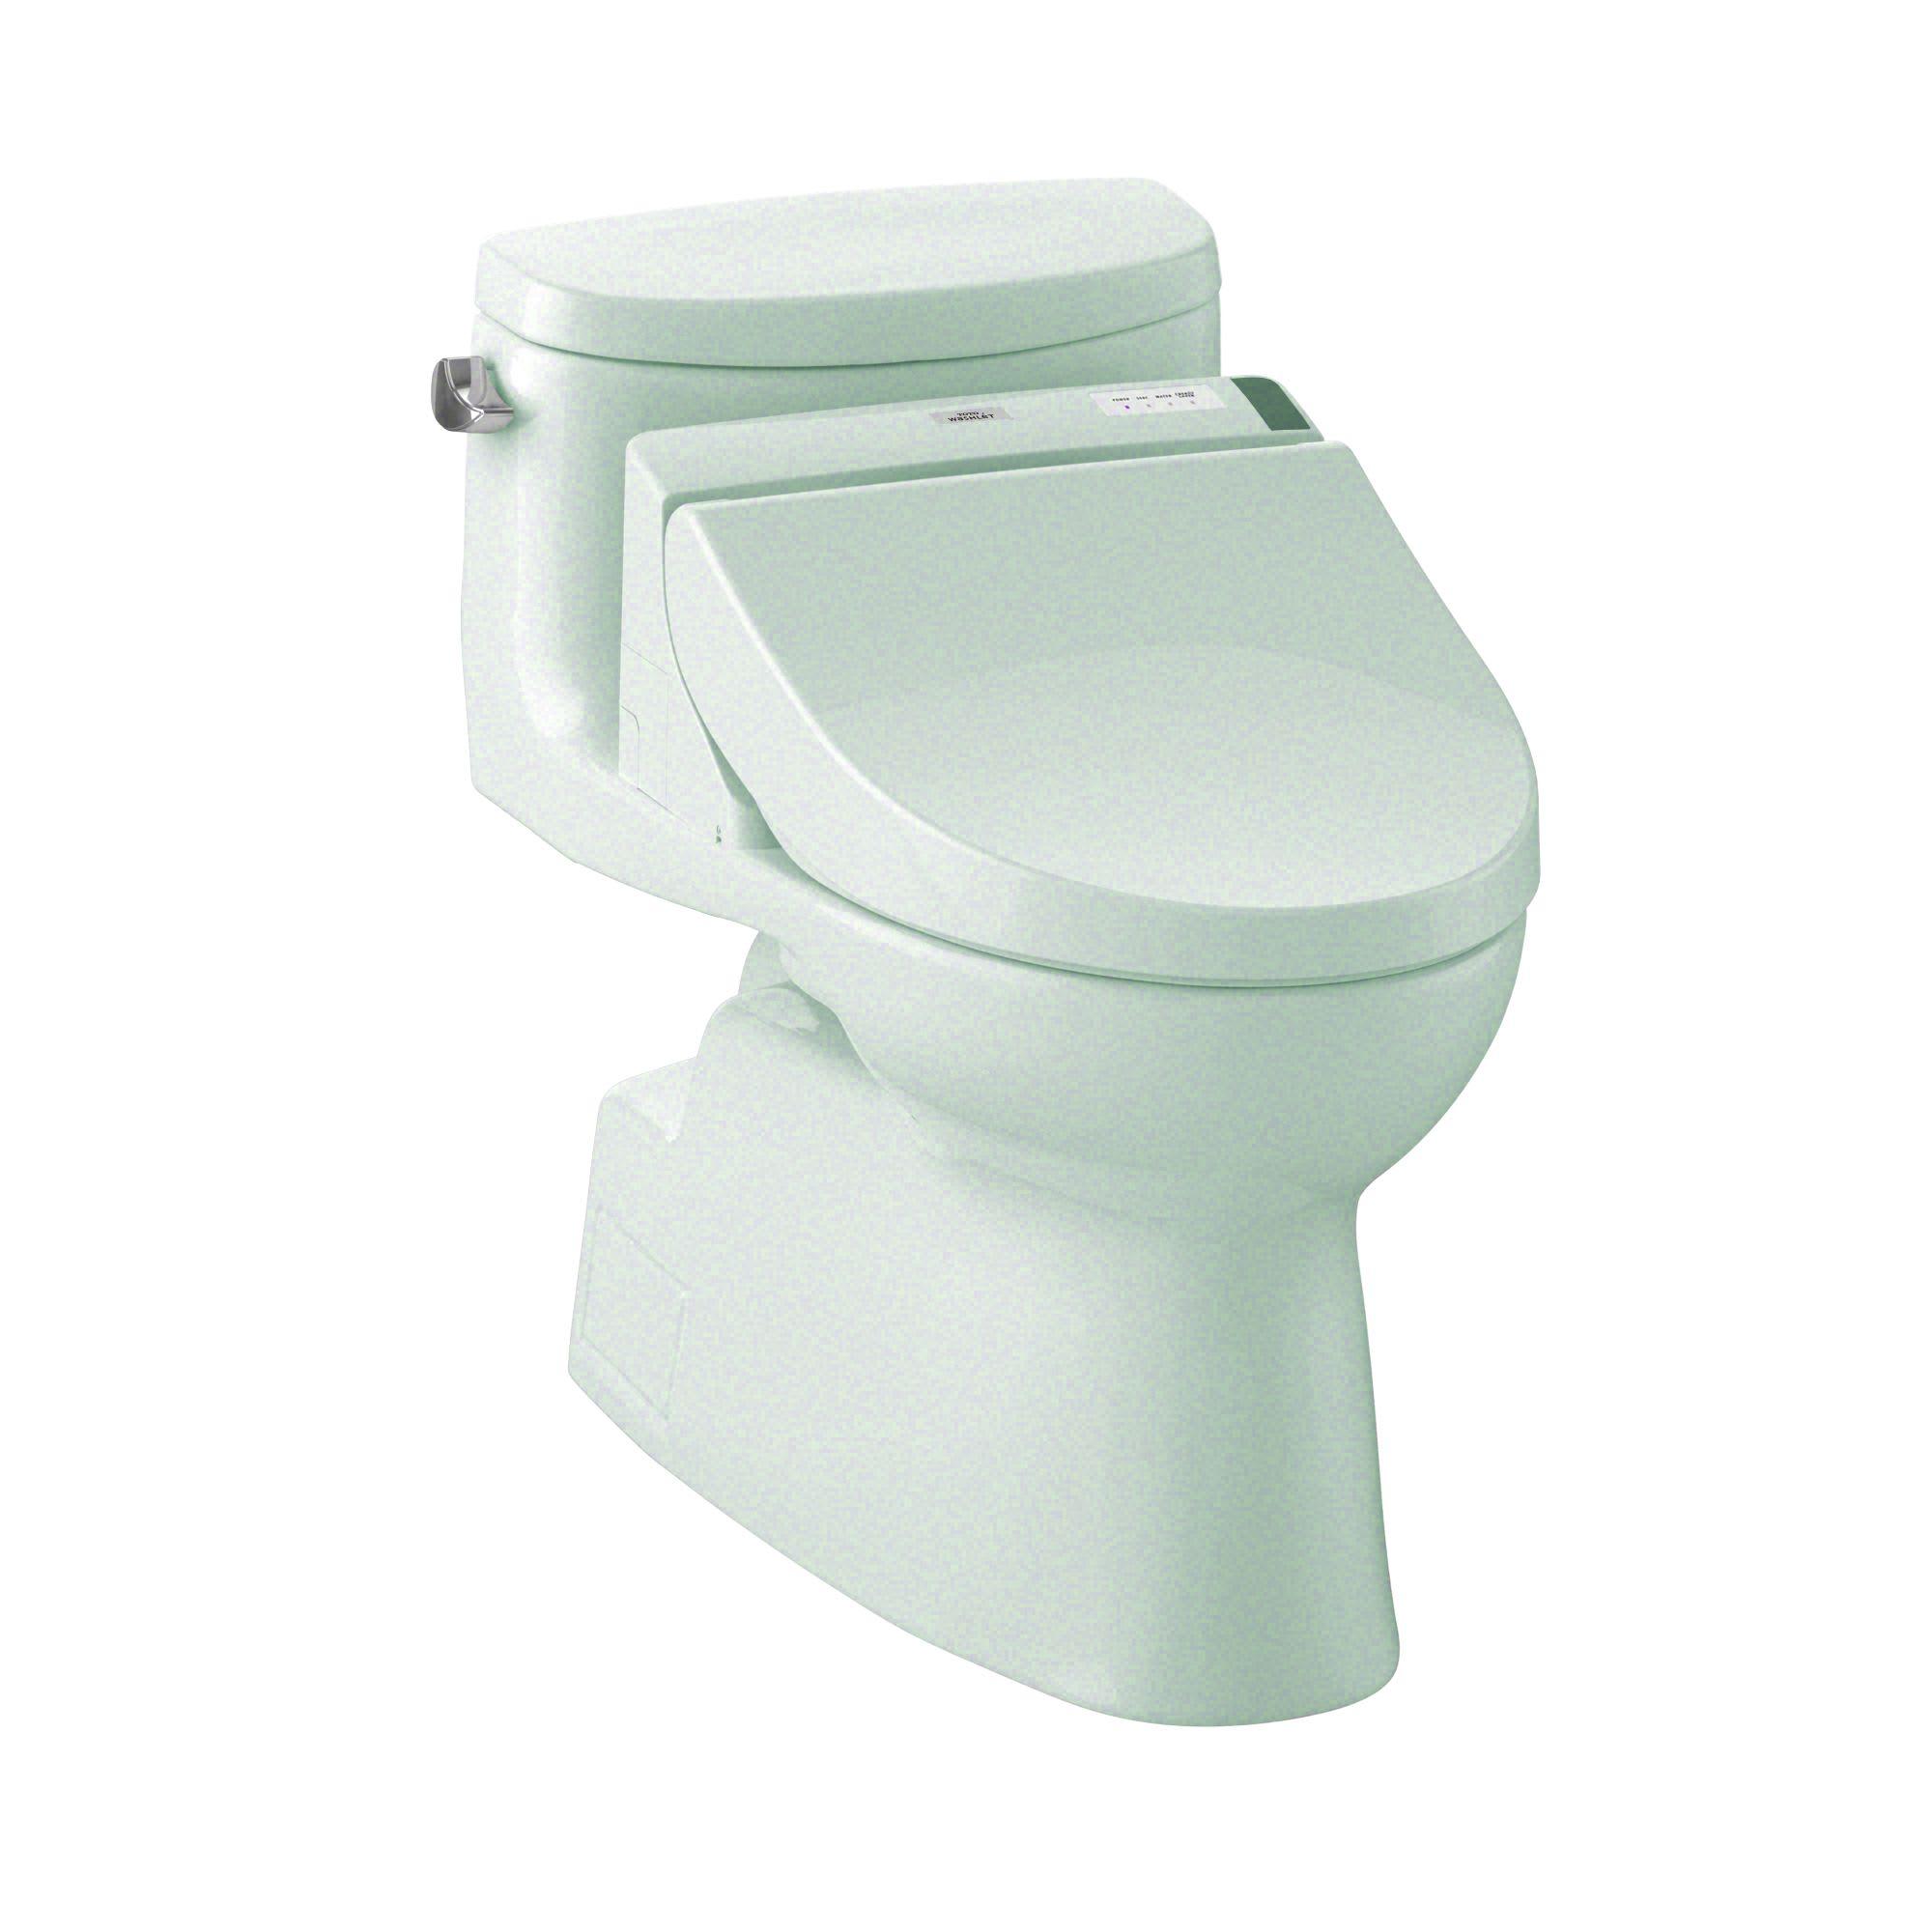 Toto Elongated Toilet Seat.Toto Mw6442044cefg